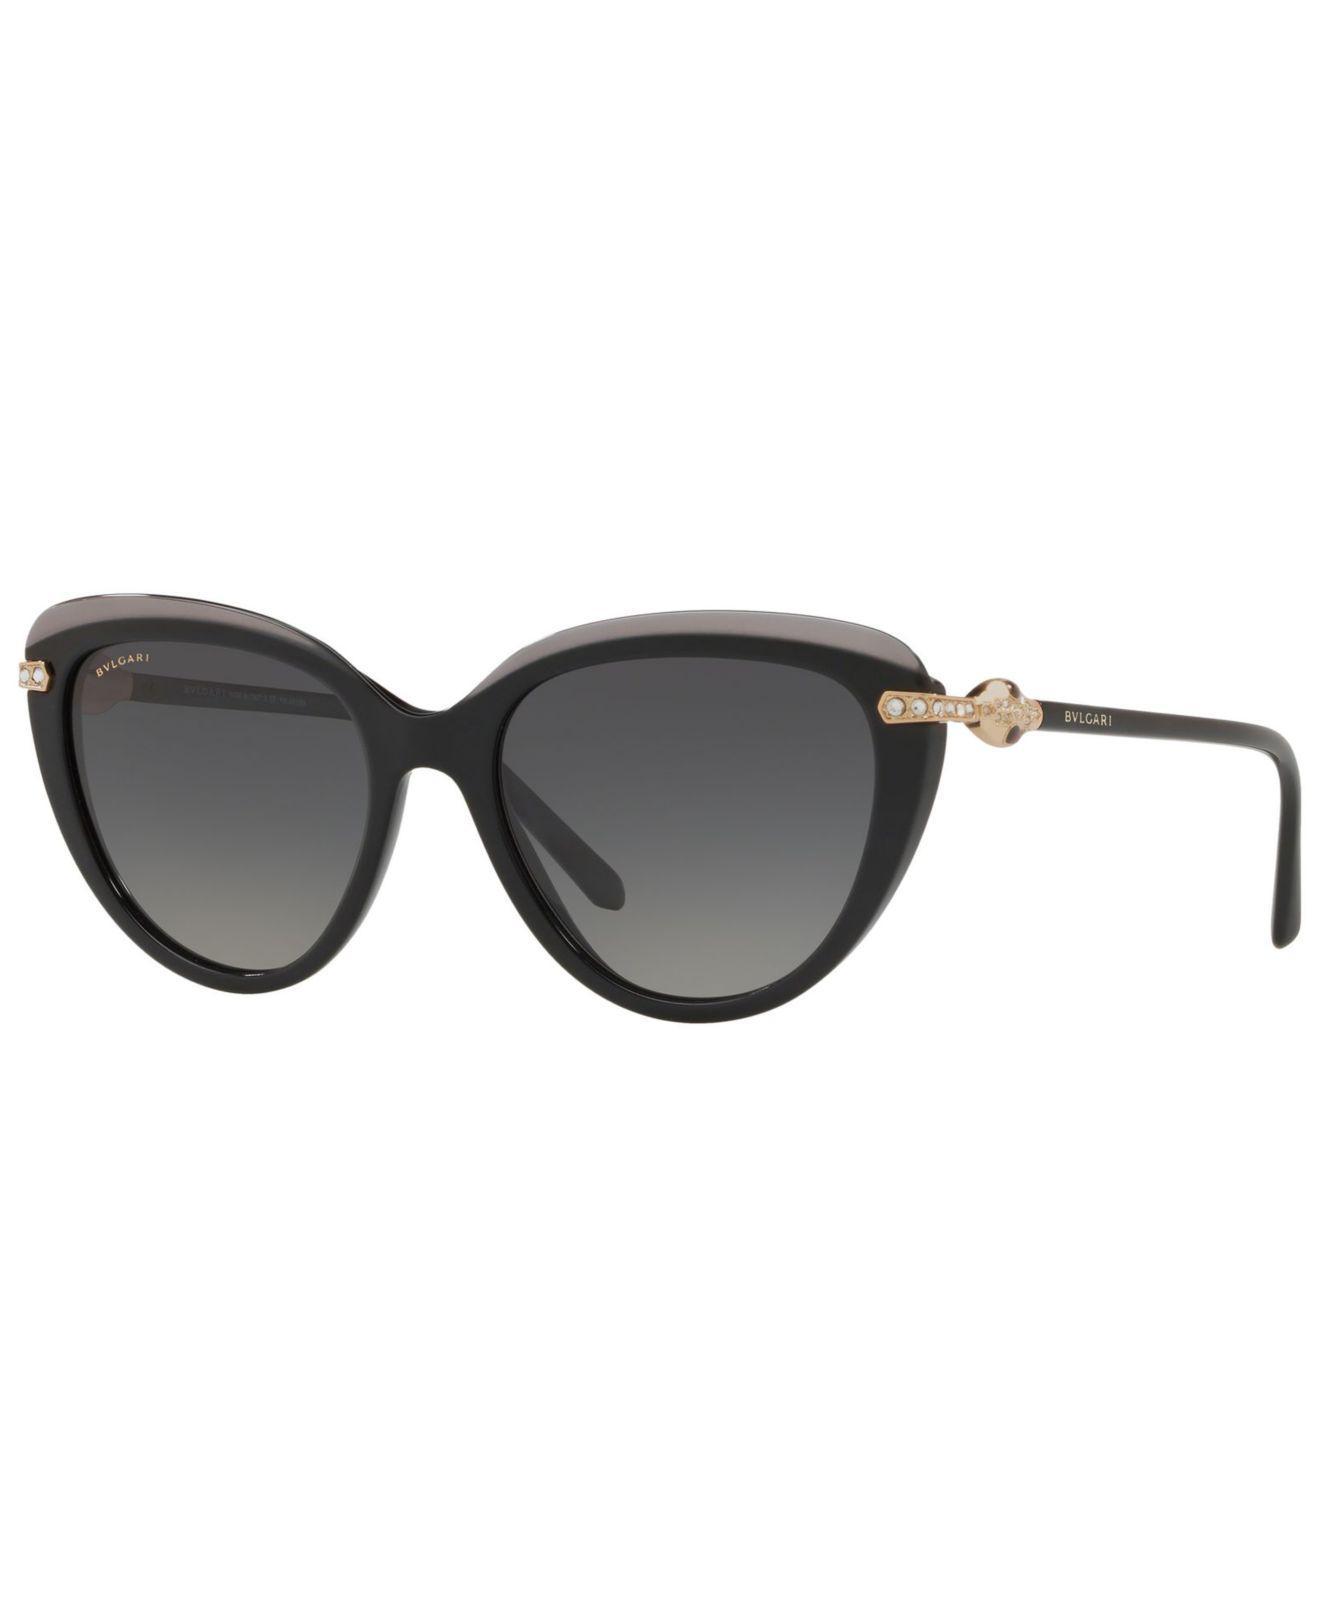 a076855b51 BVLGARI - Multicolor Polarized Sunglasses